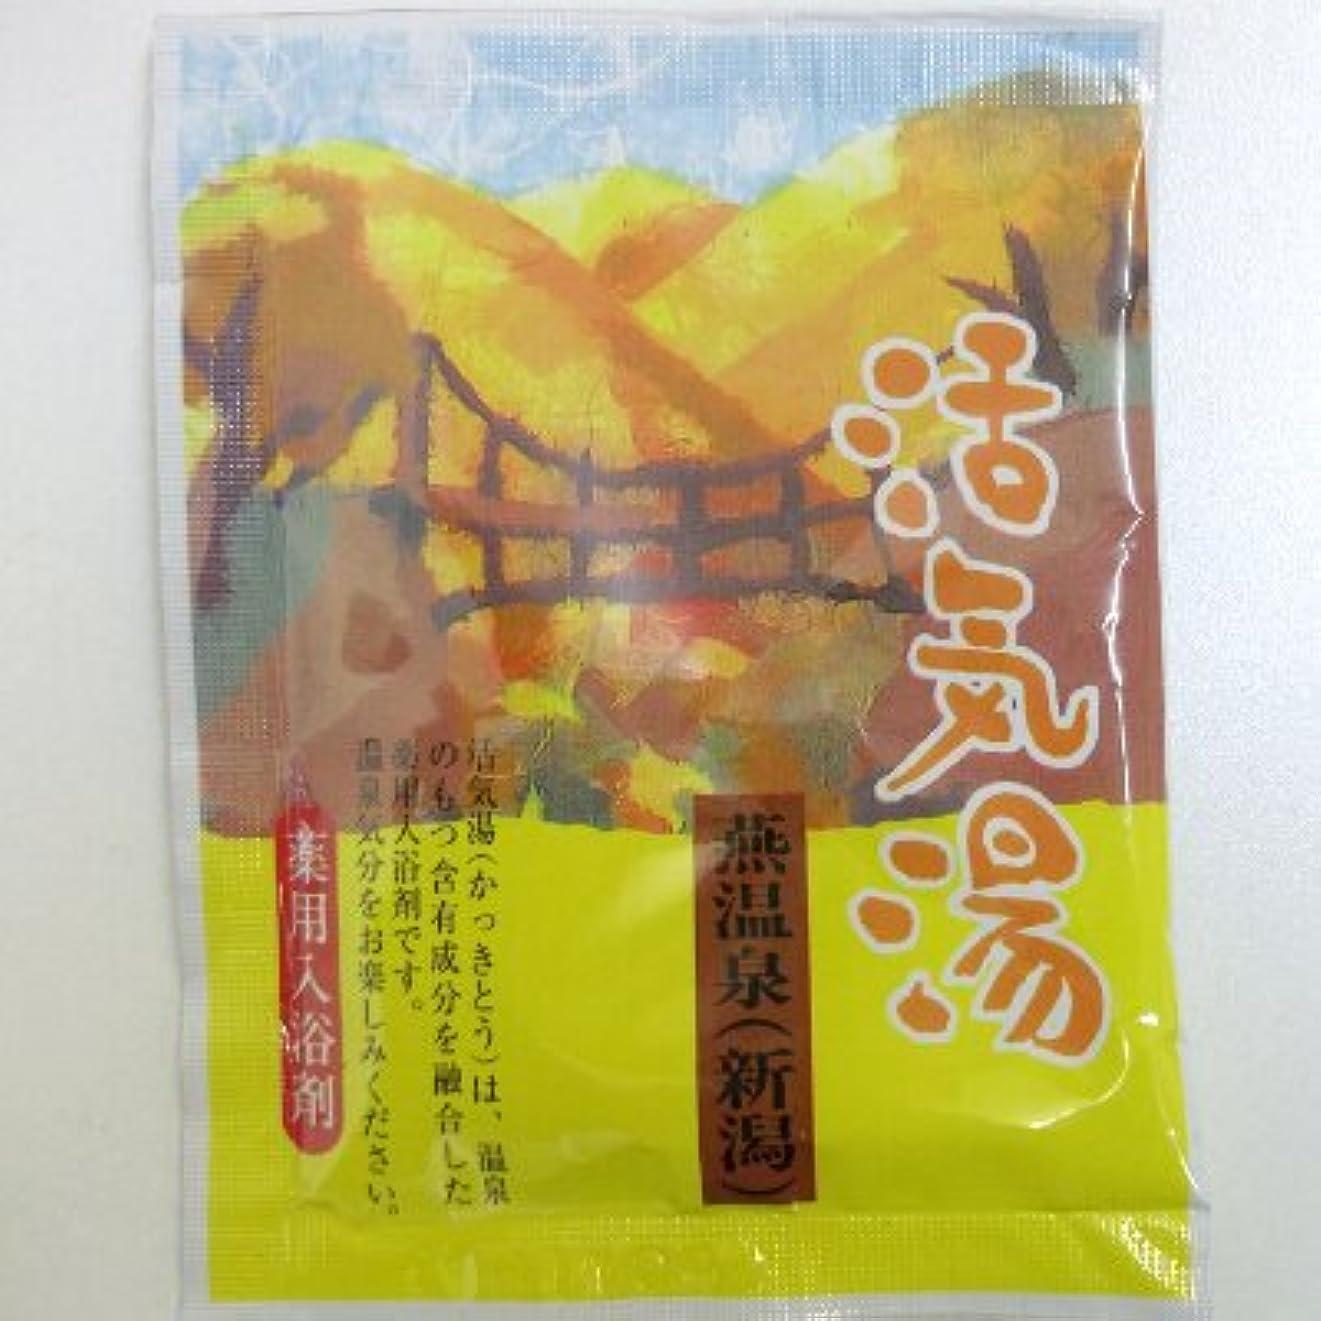 活気湯 燕温泉(シトラス)